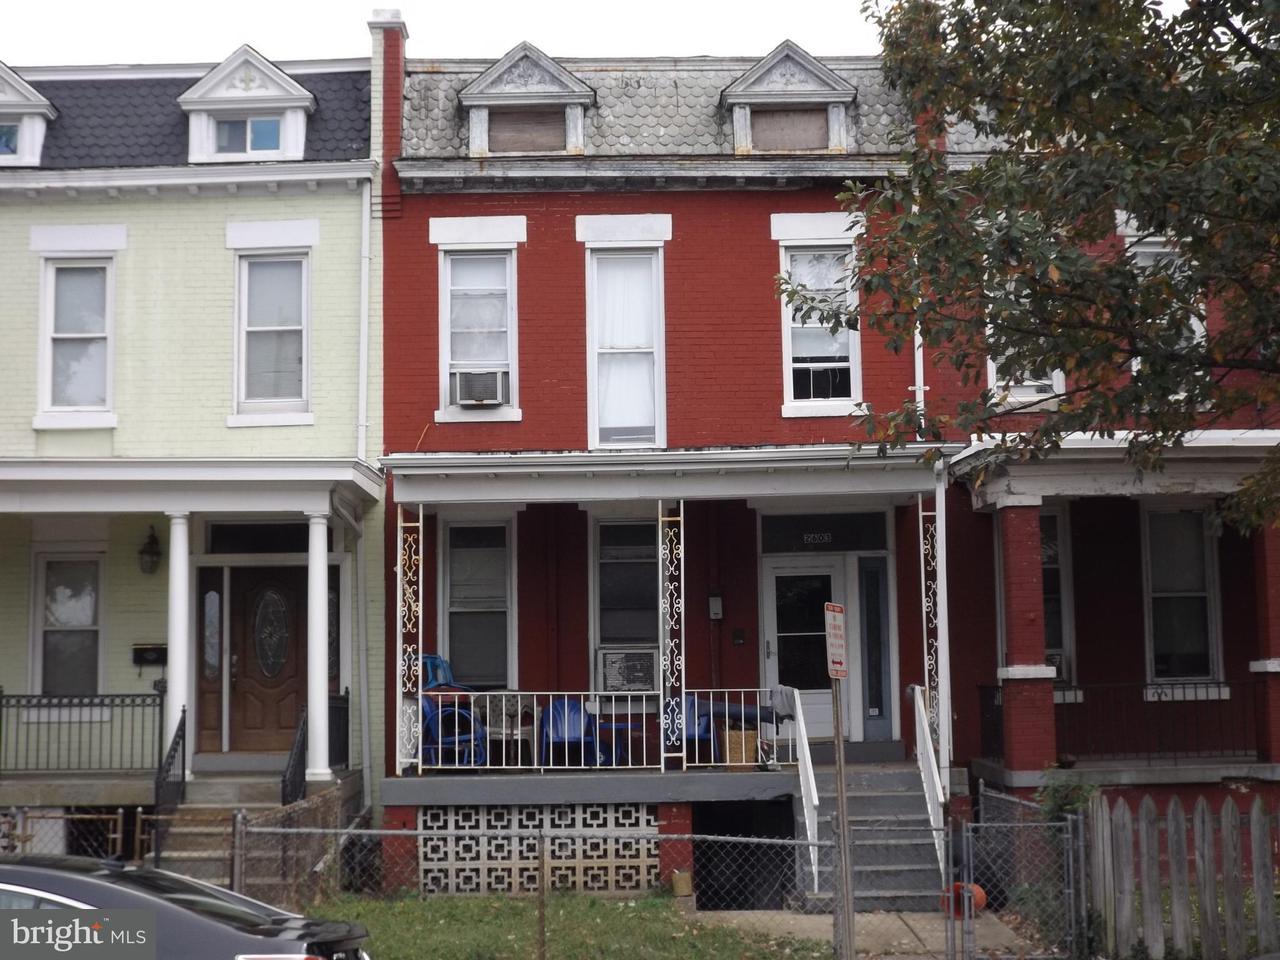 Casa unifamiliar adosada (Townhouse) por un Venta en 2603 North Capitol St Ne 2603 North Capitol St Ne Washington, Distrito De Columbia 20002 Estados Unidos